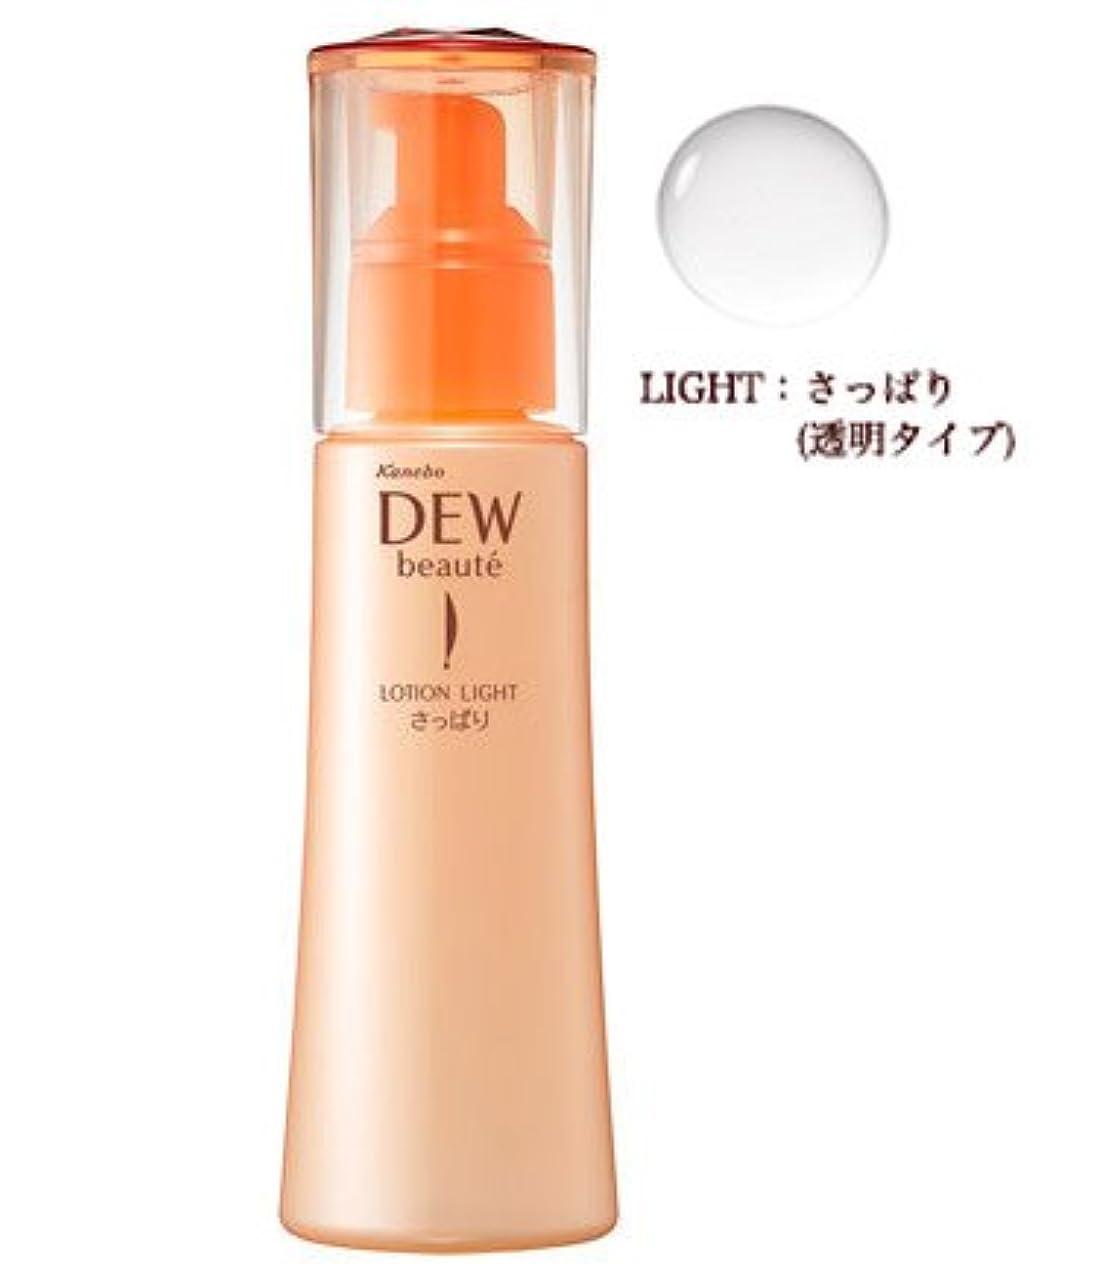 道路ホスト異常【カネボウ化粧品】DEW ボーテ ローションライト 150ml